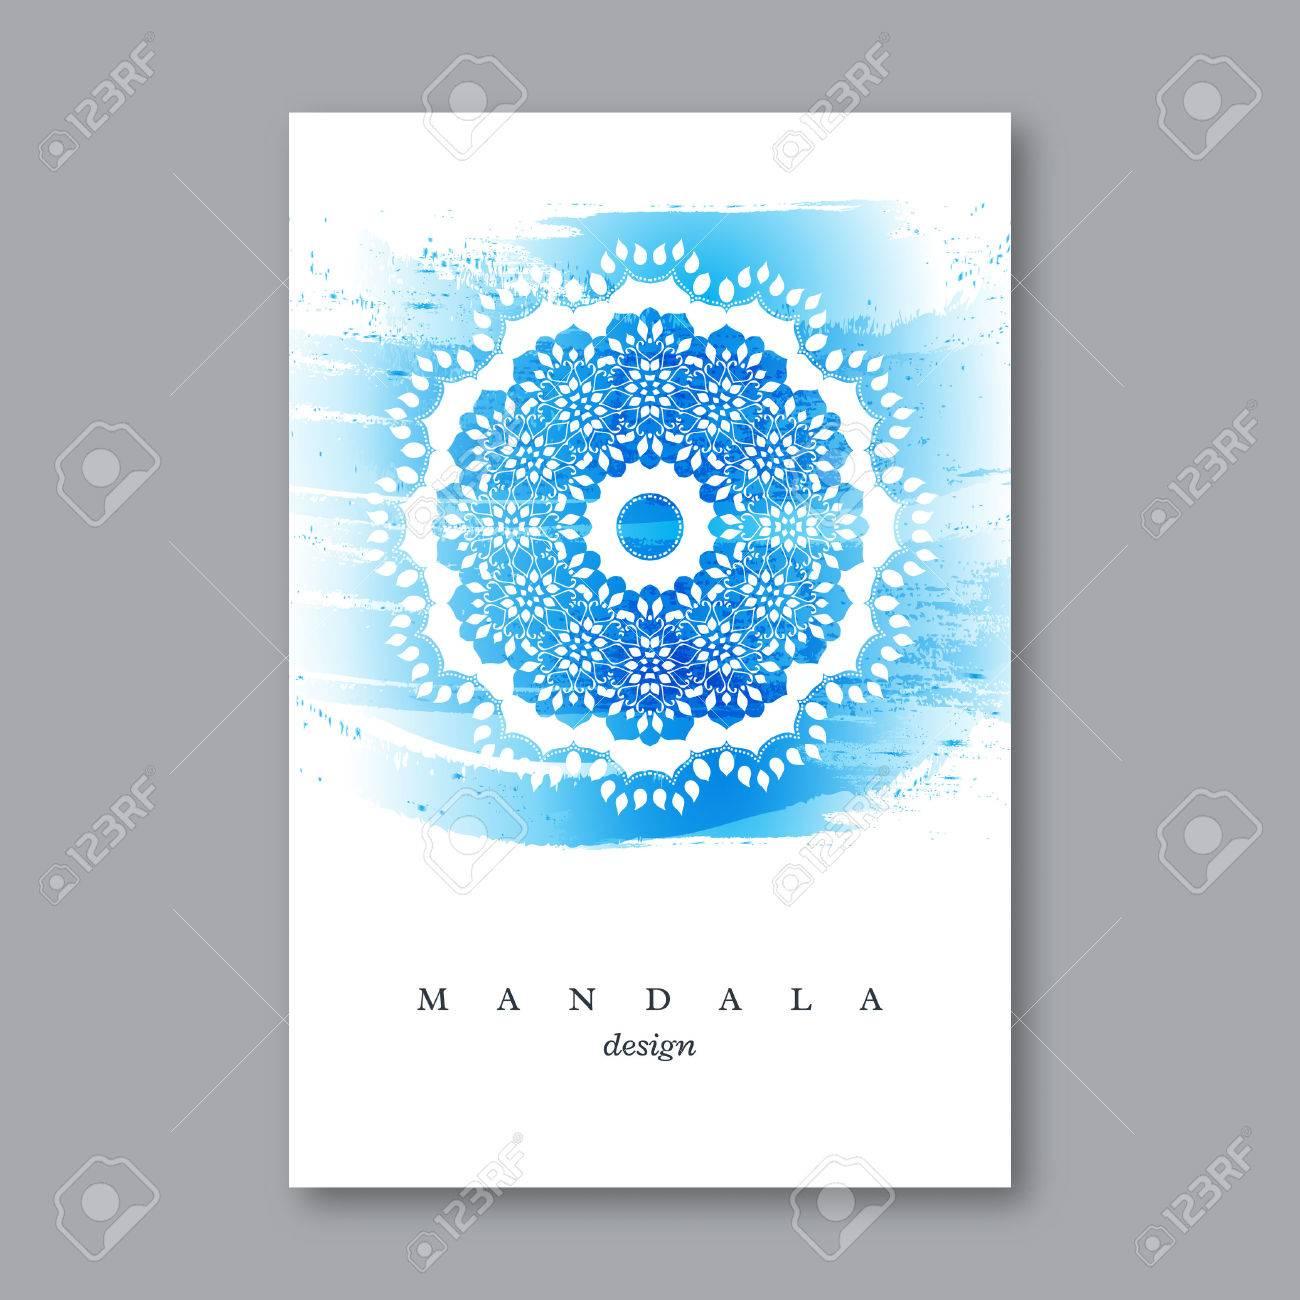 Invitación, Plantilla De Tarjeta De Boda Con La Mandala Dibujado A ...